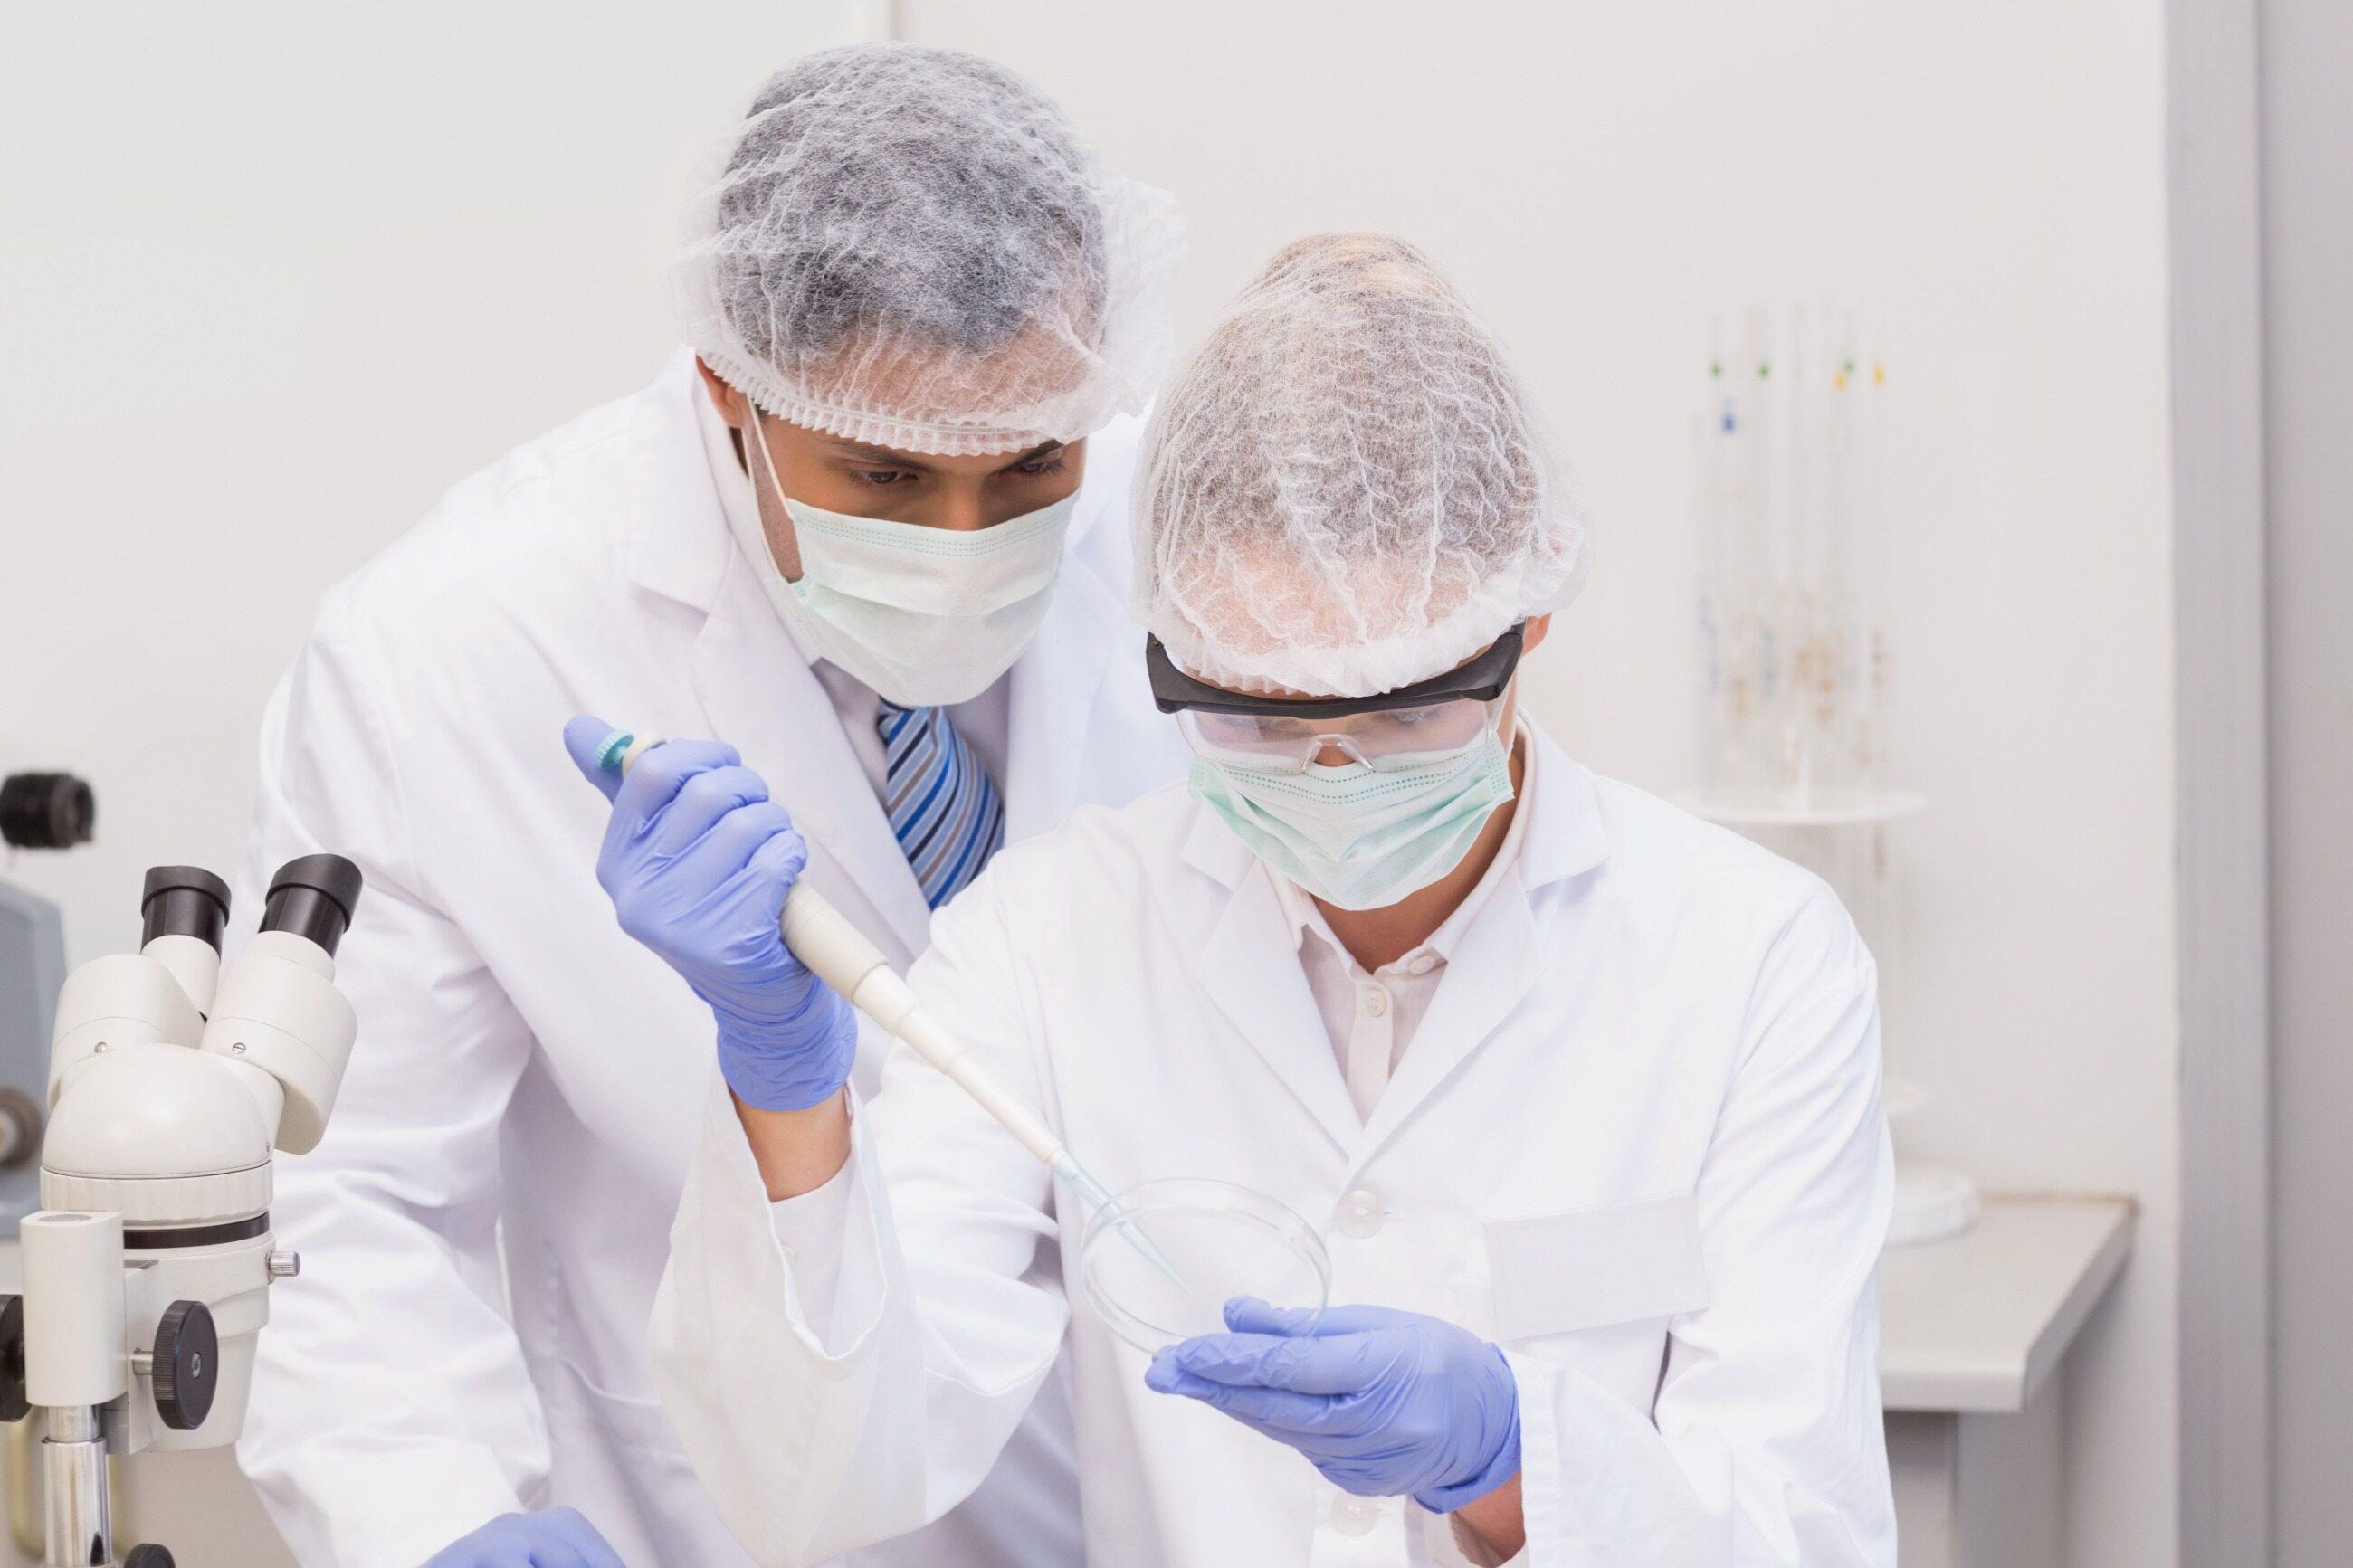 Praca w laboratorium, zdj. ilustracyjne